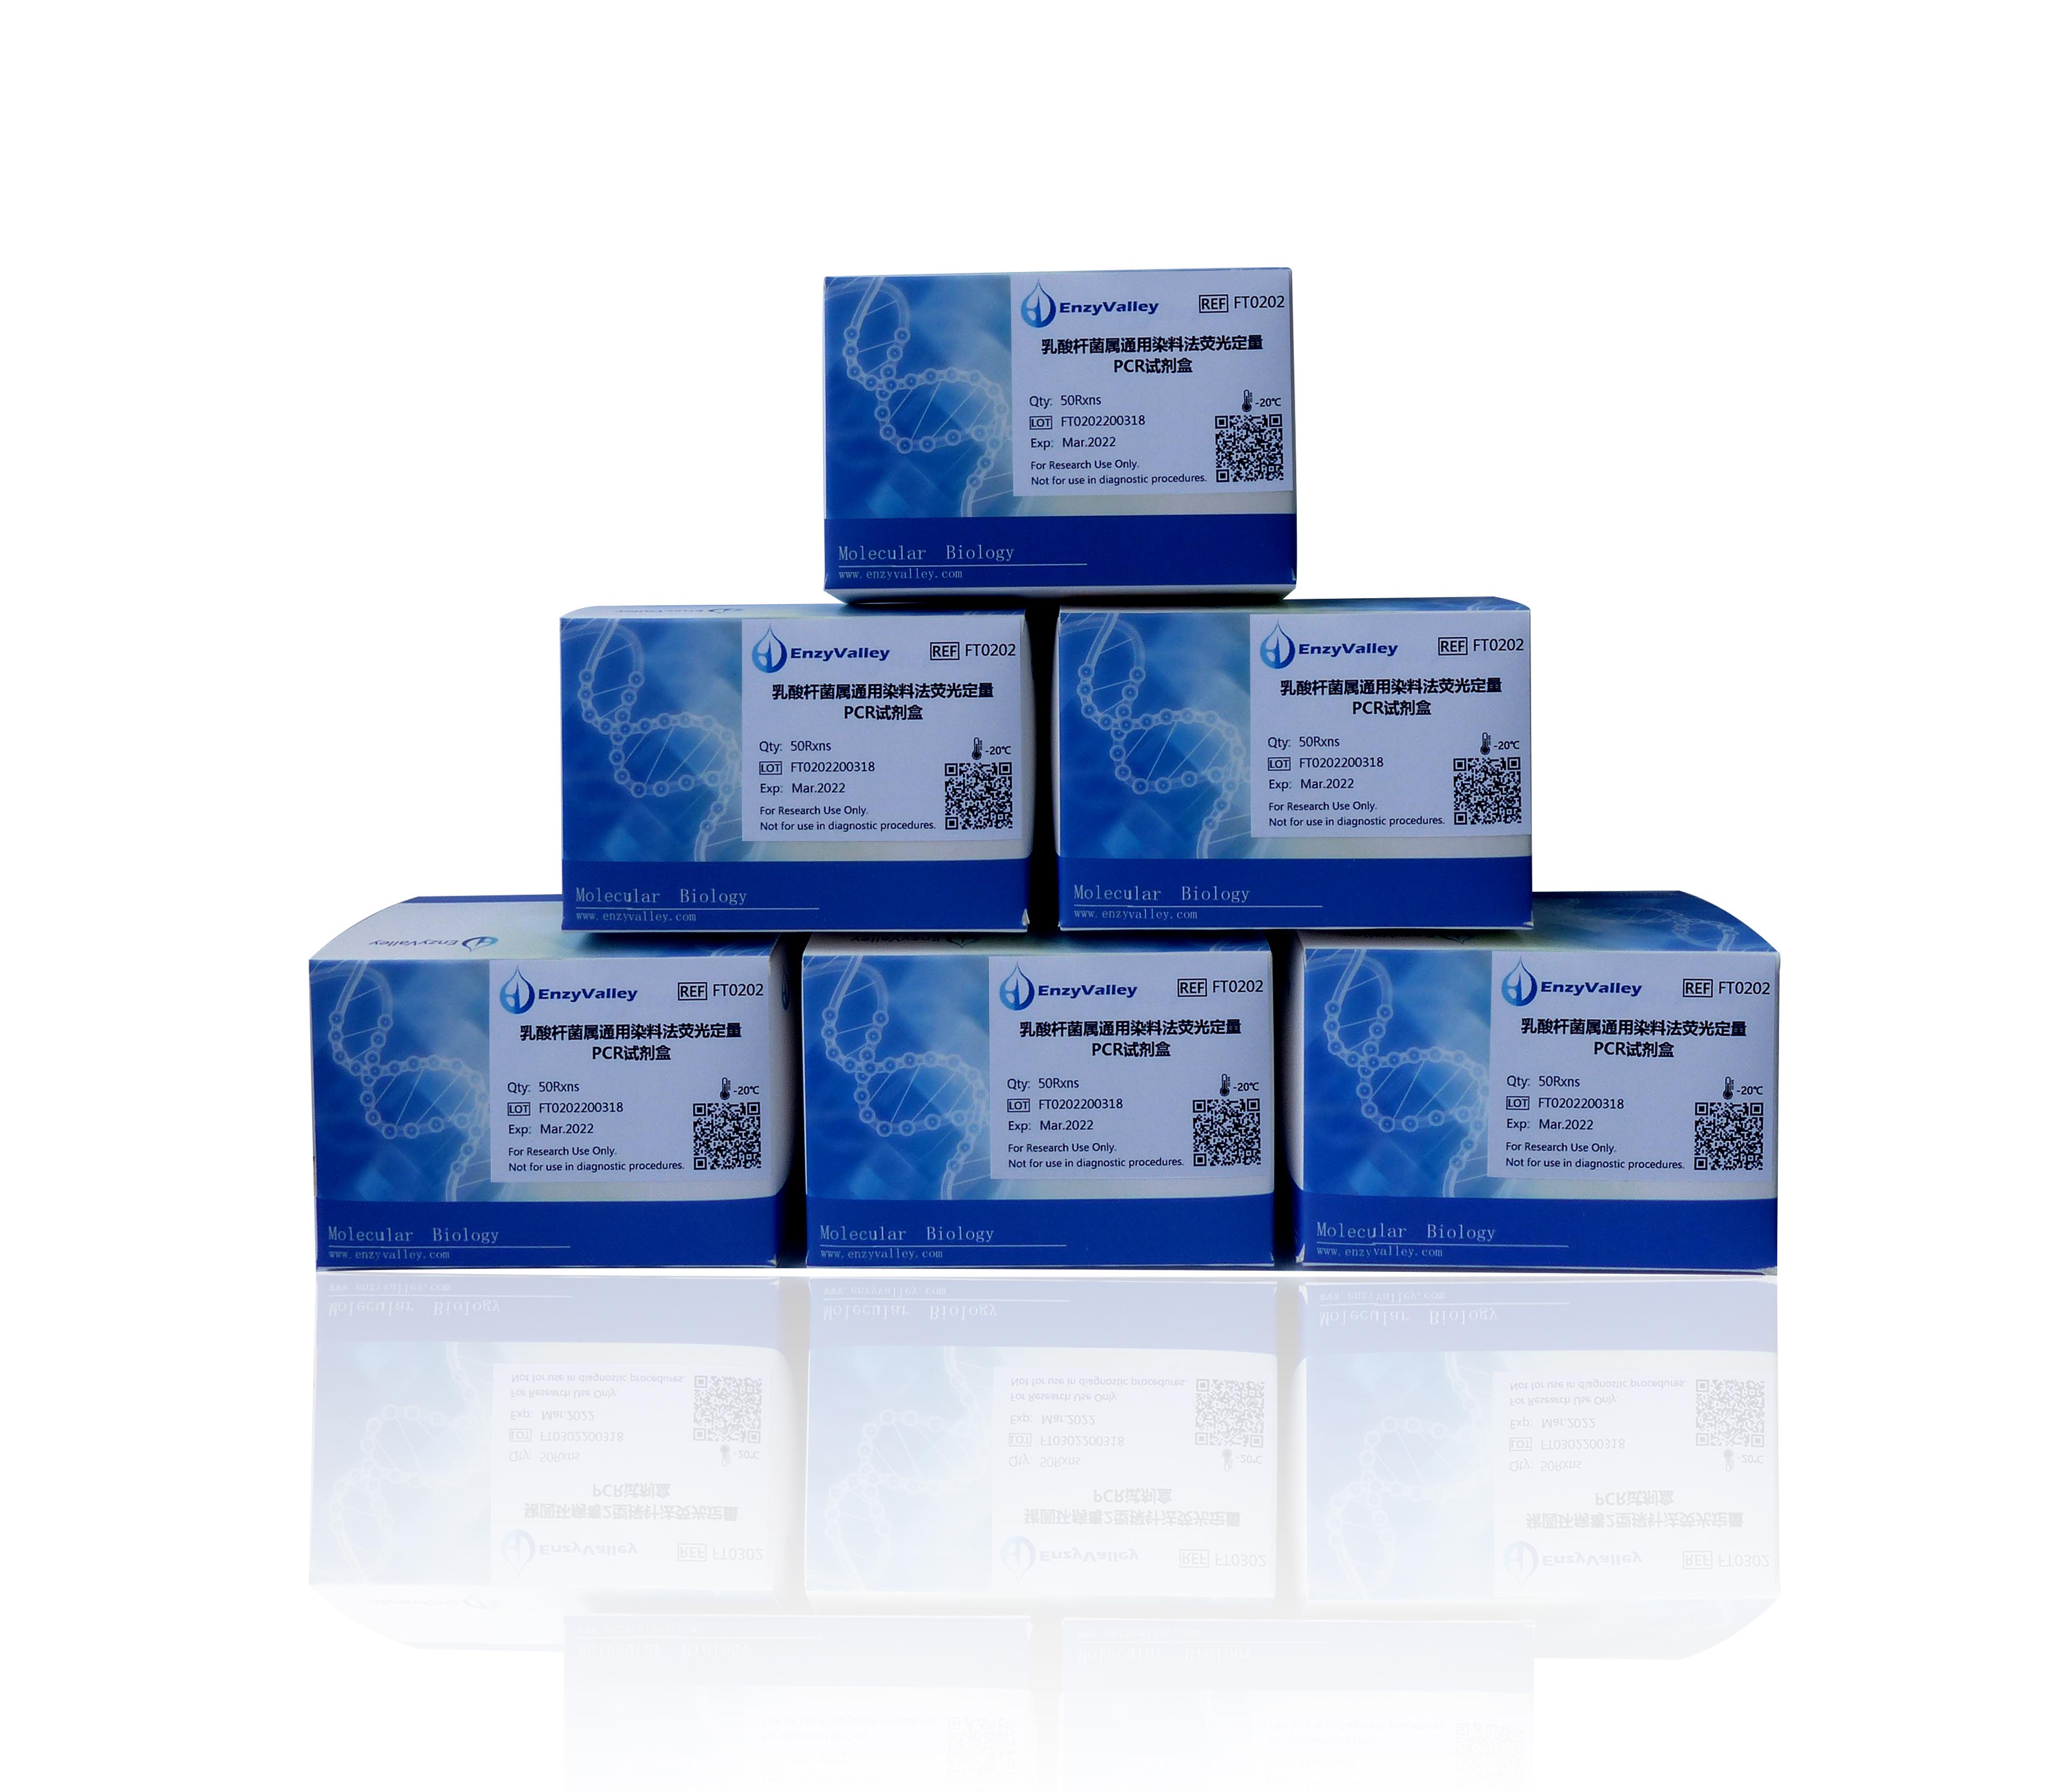 乳酸杆菌属通用染料法荧光定量PCR试剂盒